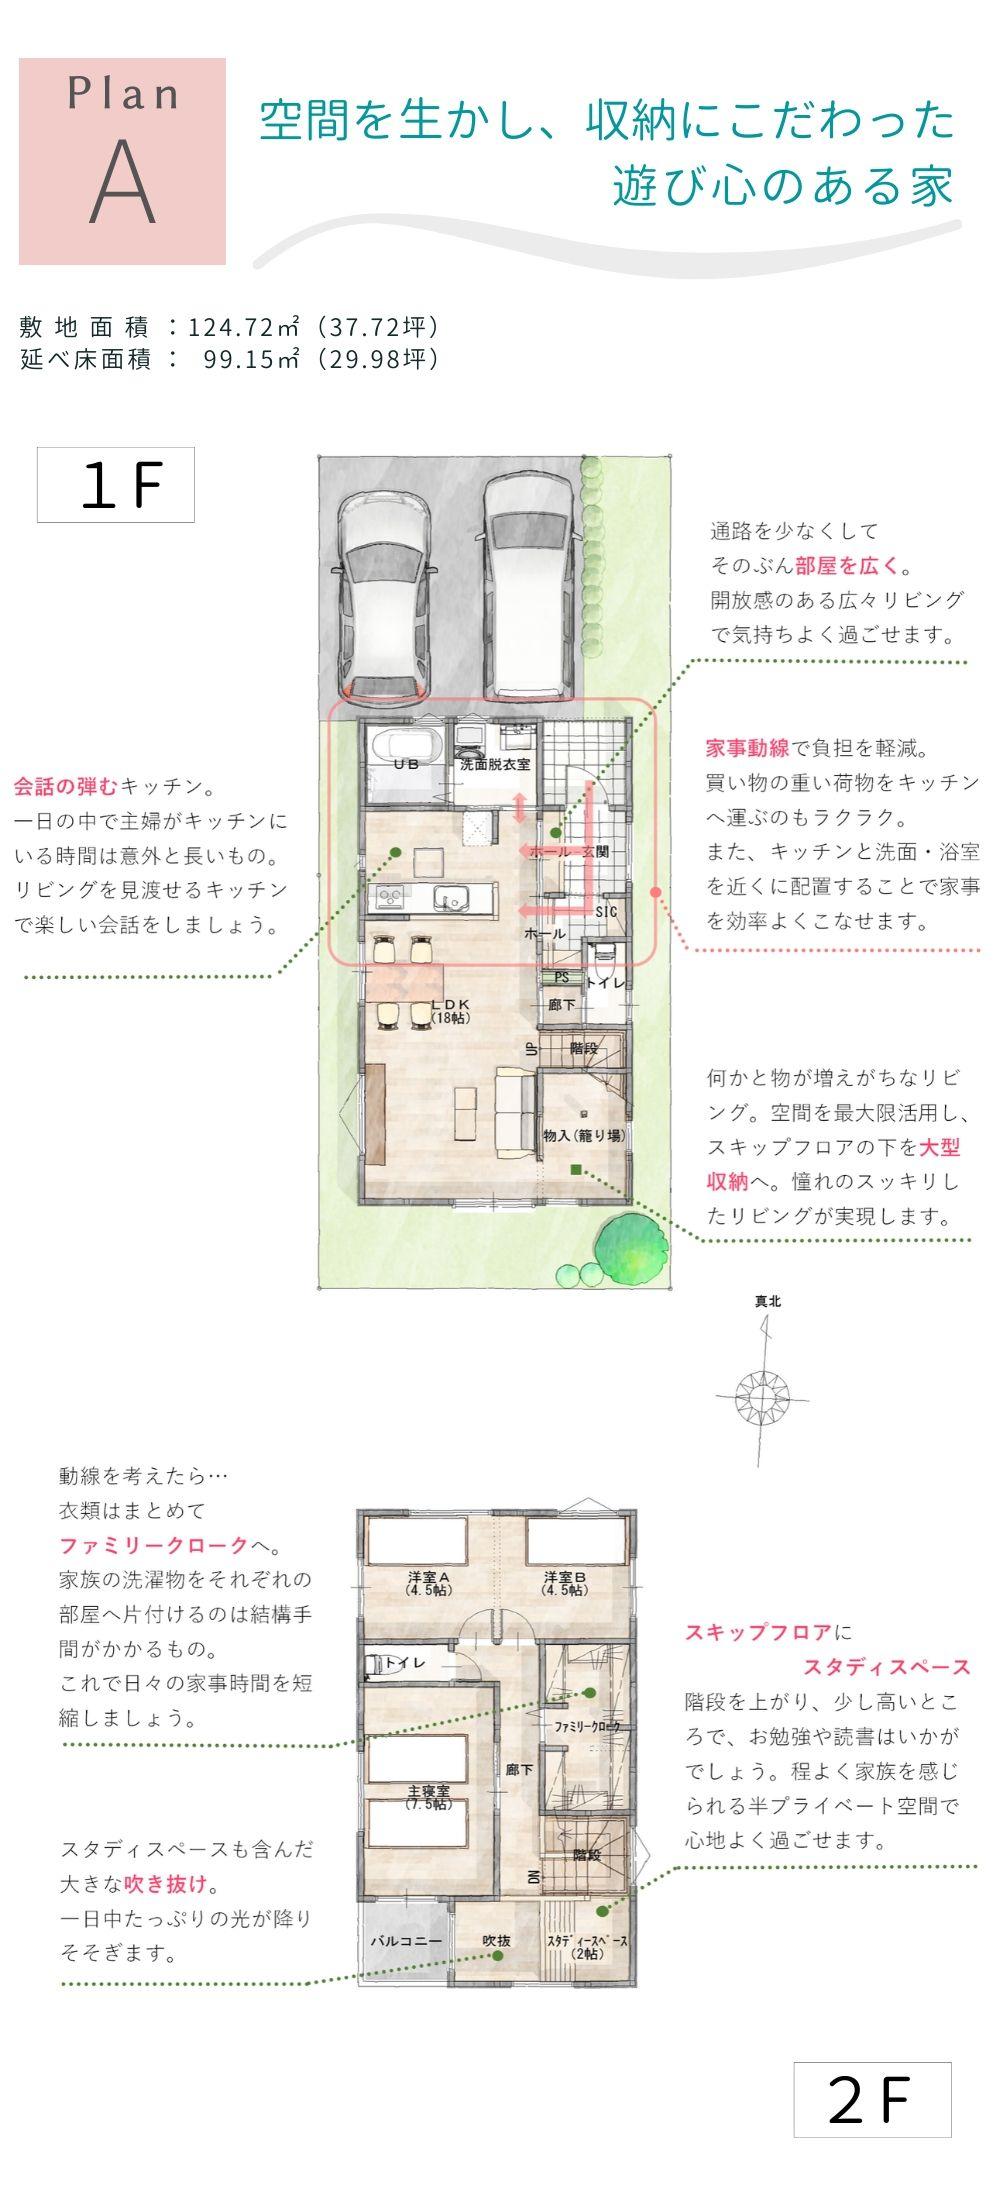 VISIO飯山満Ⅴ│PLAN A